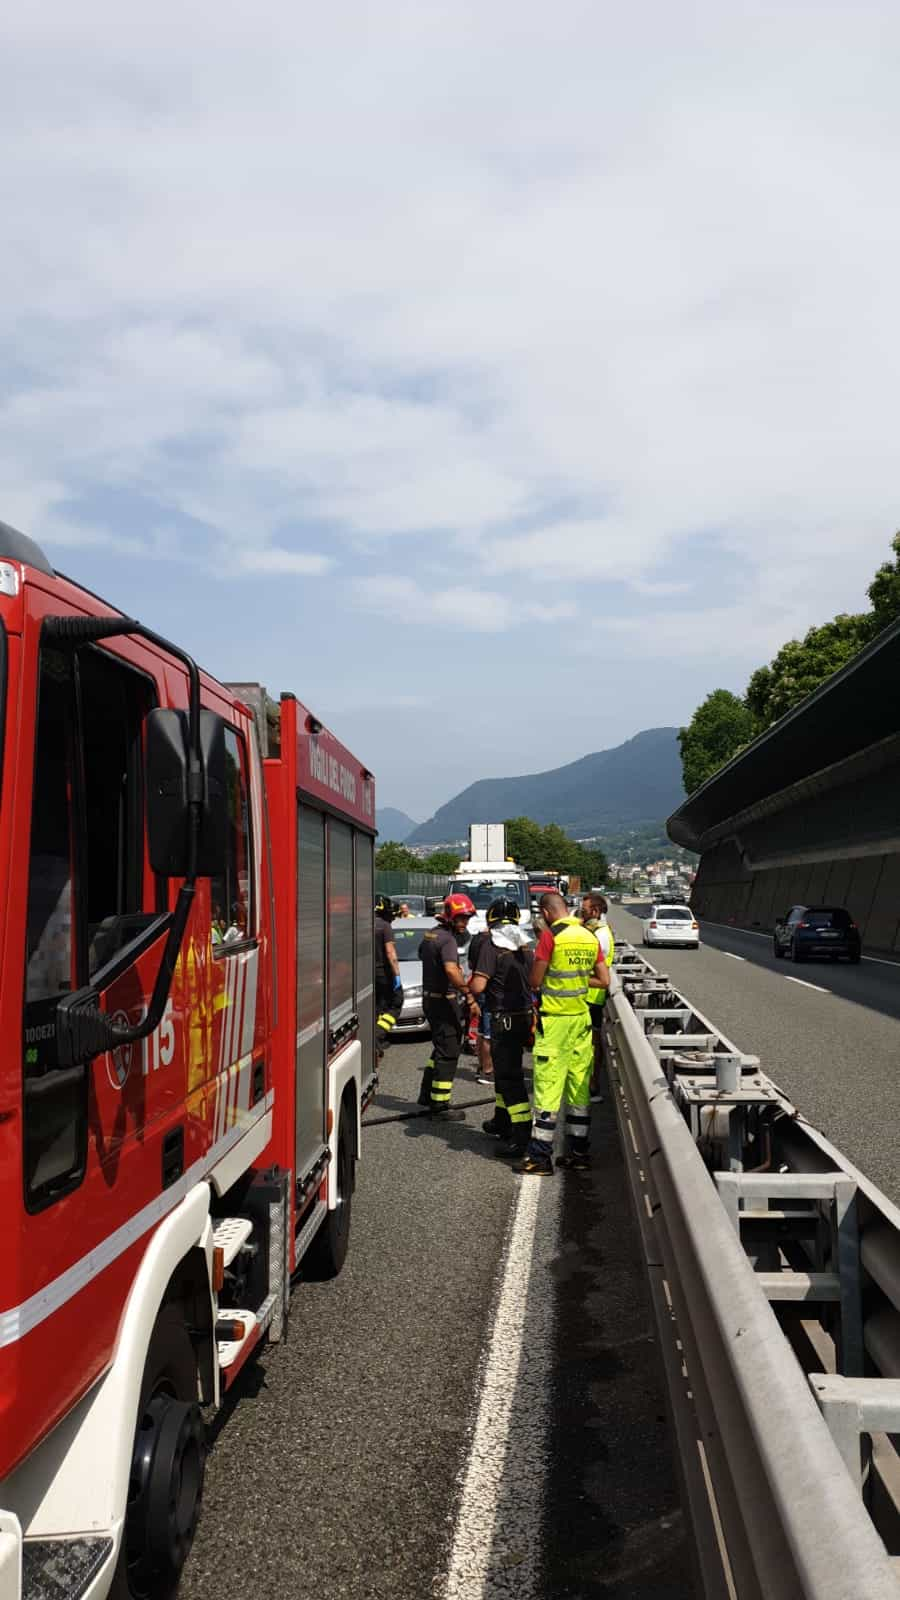 incidente in autostrada 15 giugno 2019 2-2-2